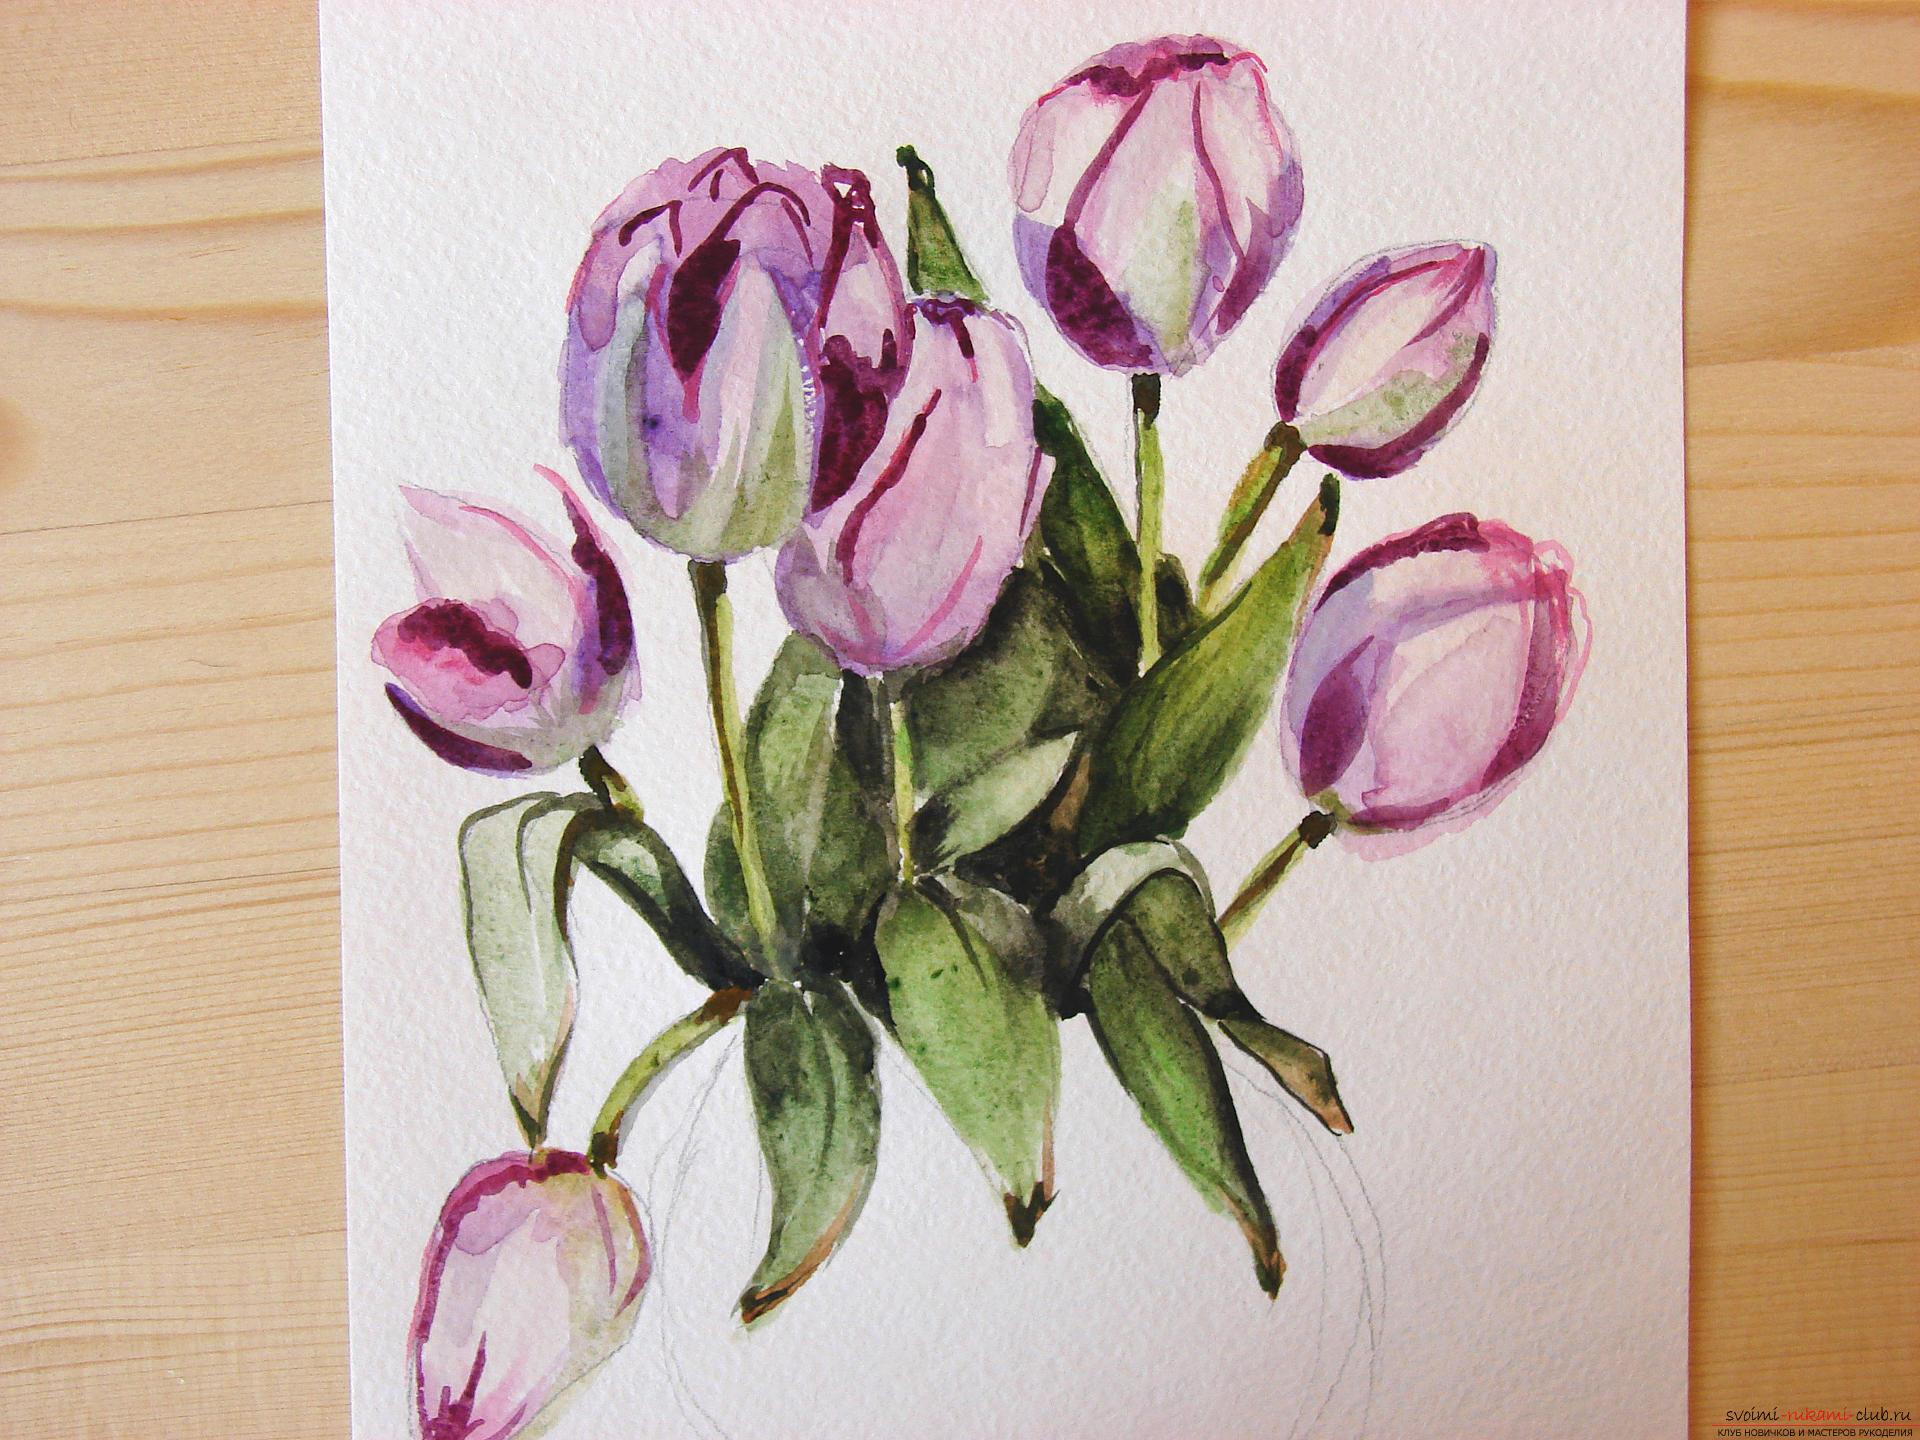 Мастер-класс по рисованию с фото научит как нарисовать цветы, подробно описав как рисуются тюльпаны поэтапно.. Фото №18